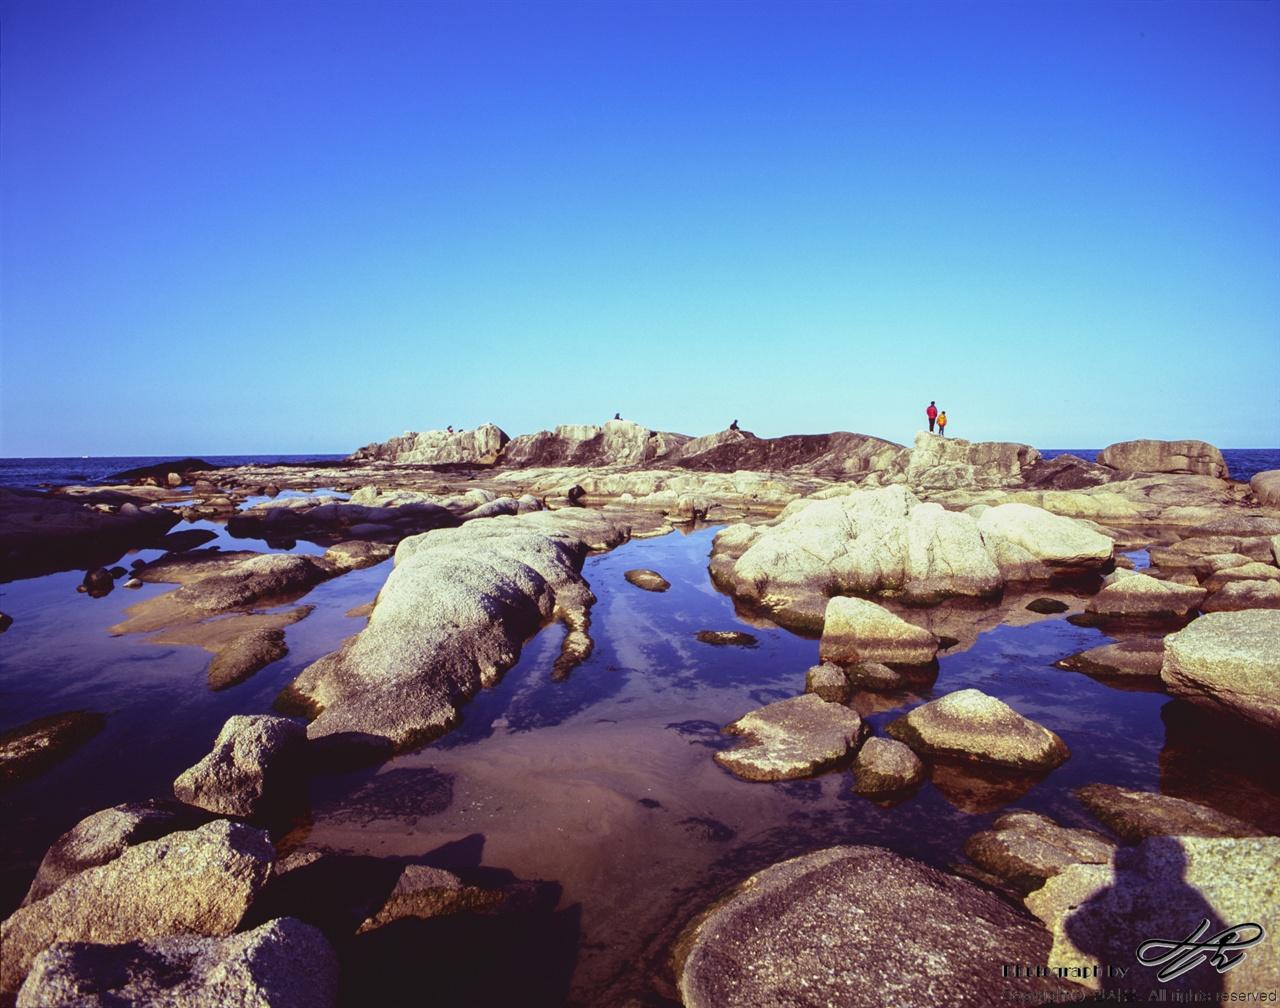 바다와 하늘, 아빠와 아들 망망대해가 보이는 바위 위로 아빠와 아들이 함께 올랐다.